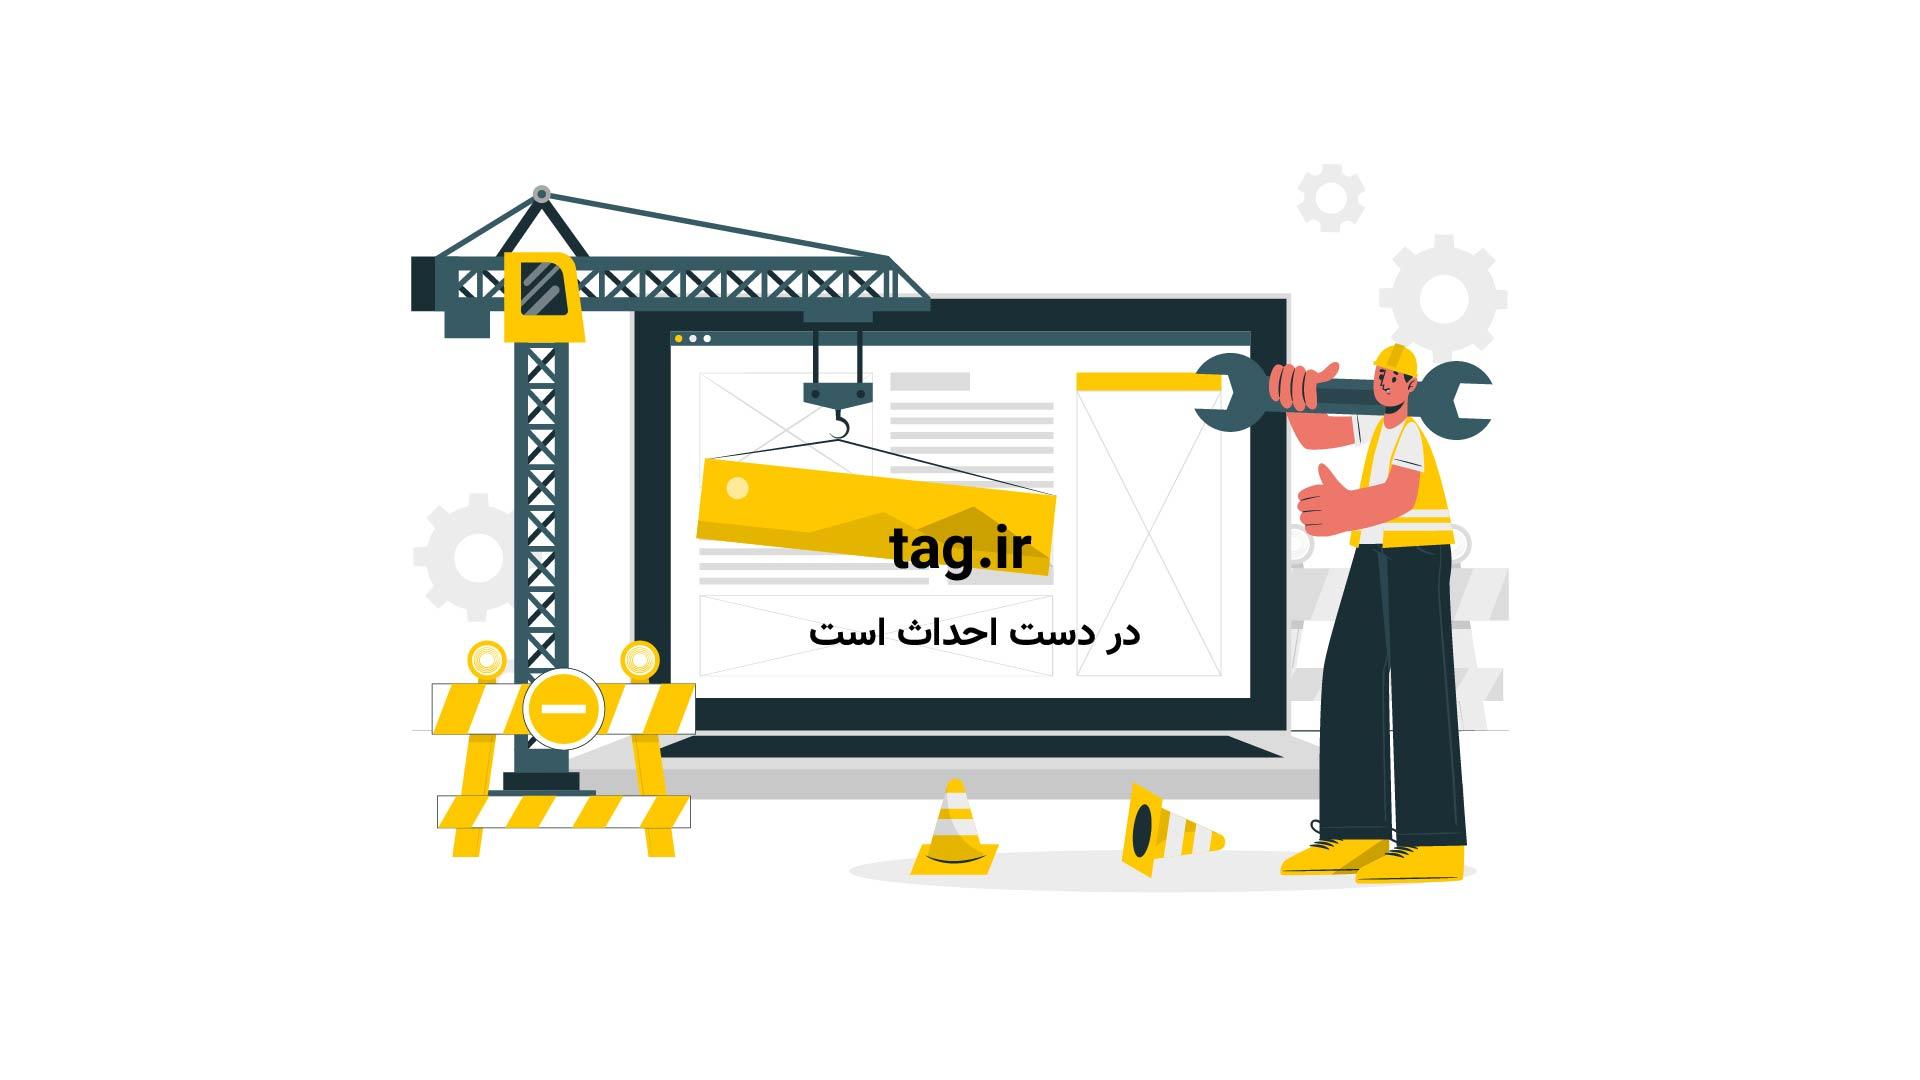 سخنرانی های تد؛ نانو تکنولوژی در تشخیص سرطان |فیلم